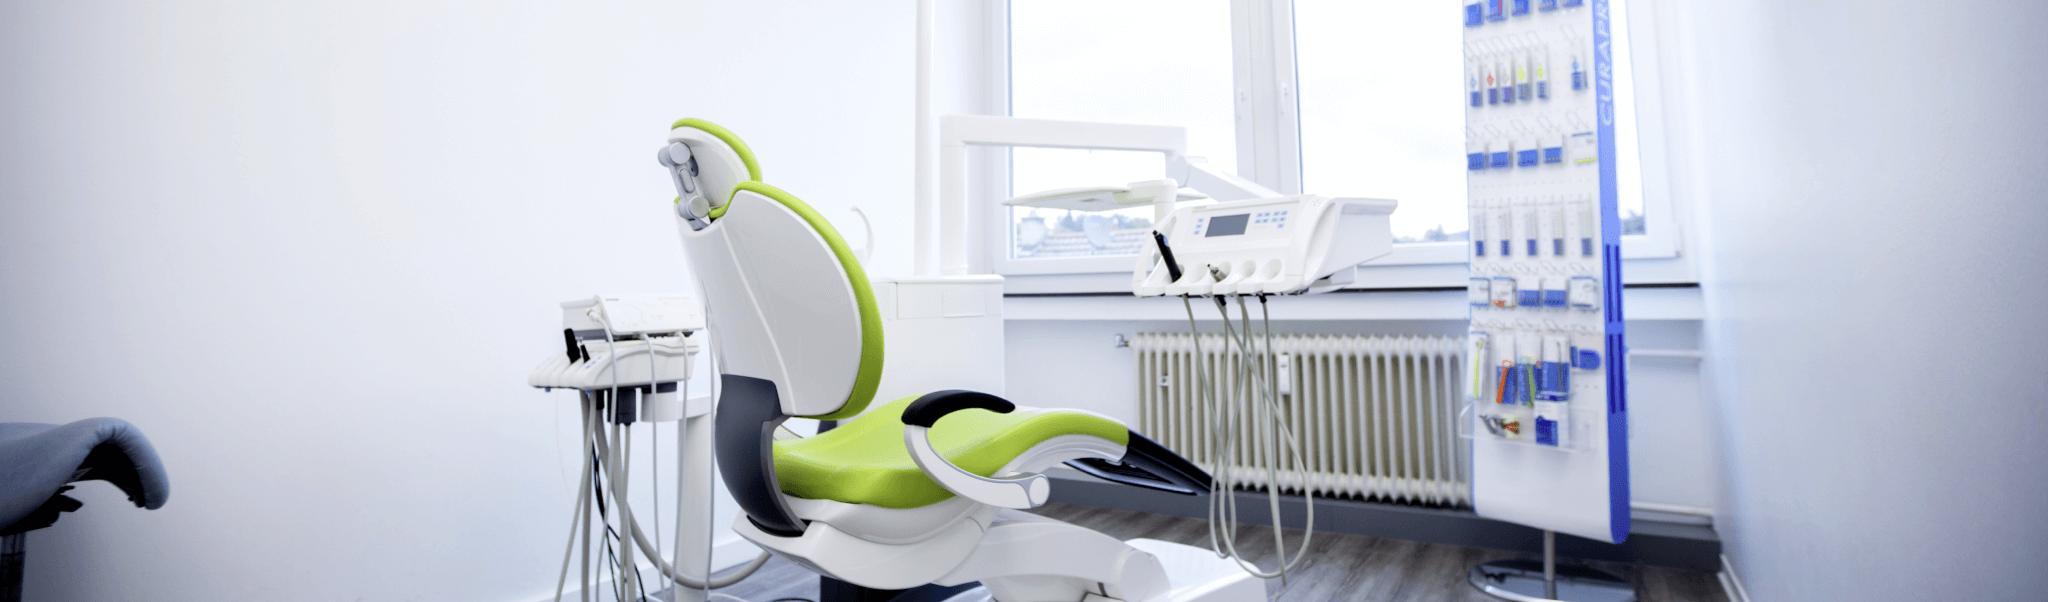 Behandlungen - Behandlungsraum mit grünem Behandlungsstuhl